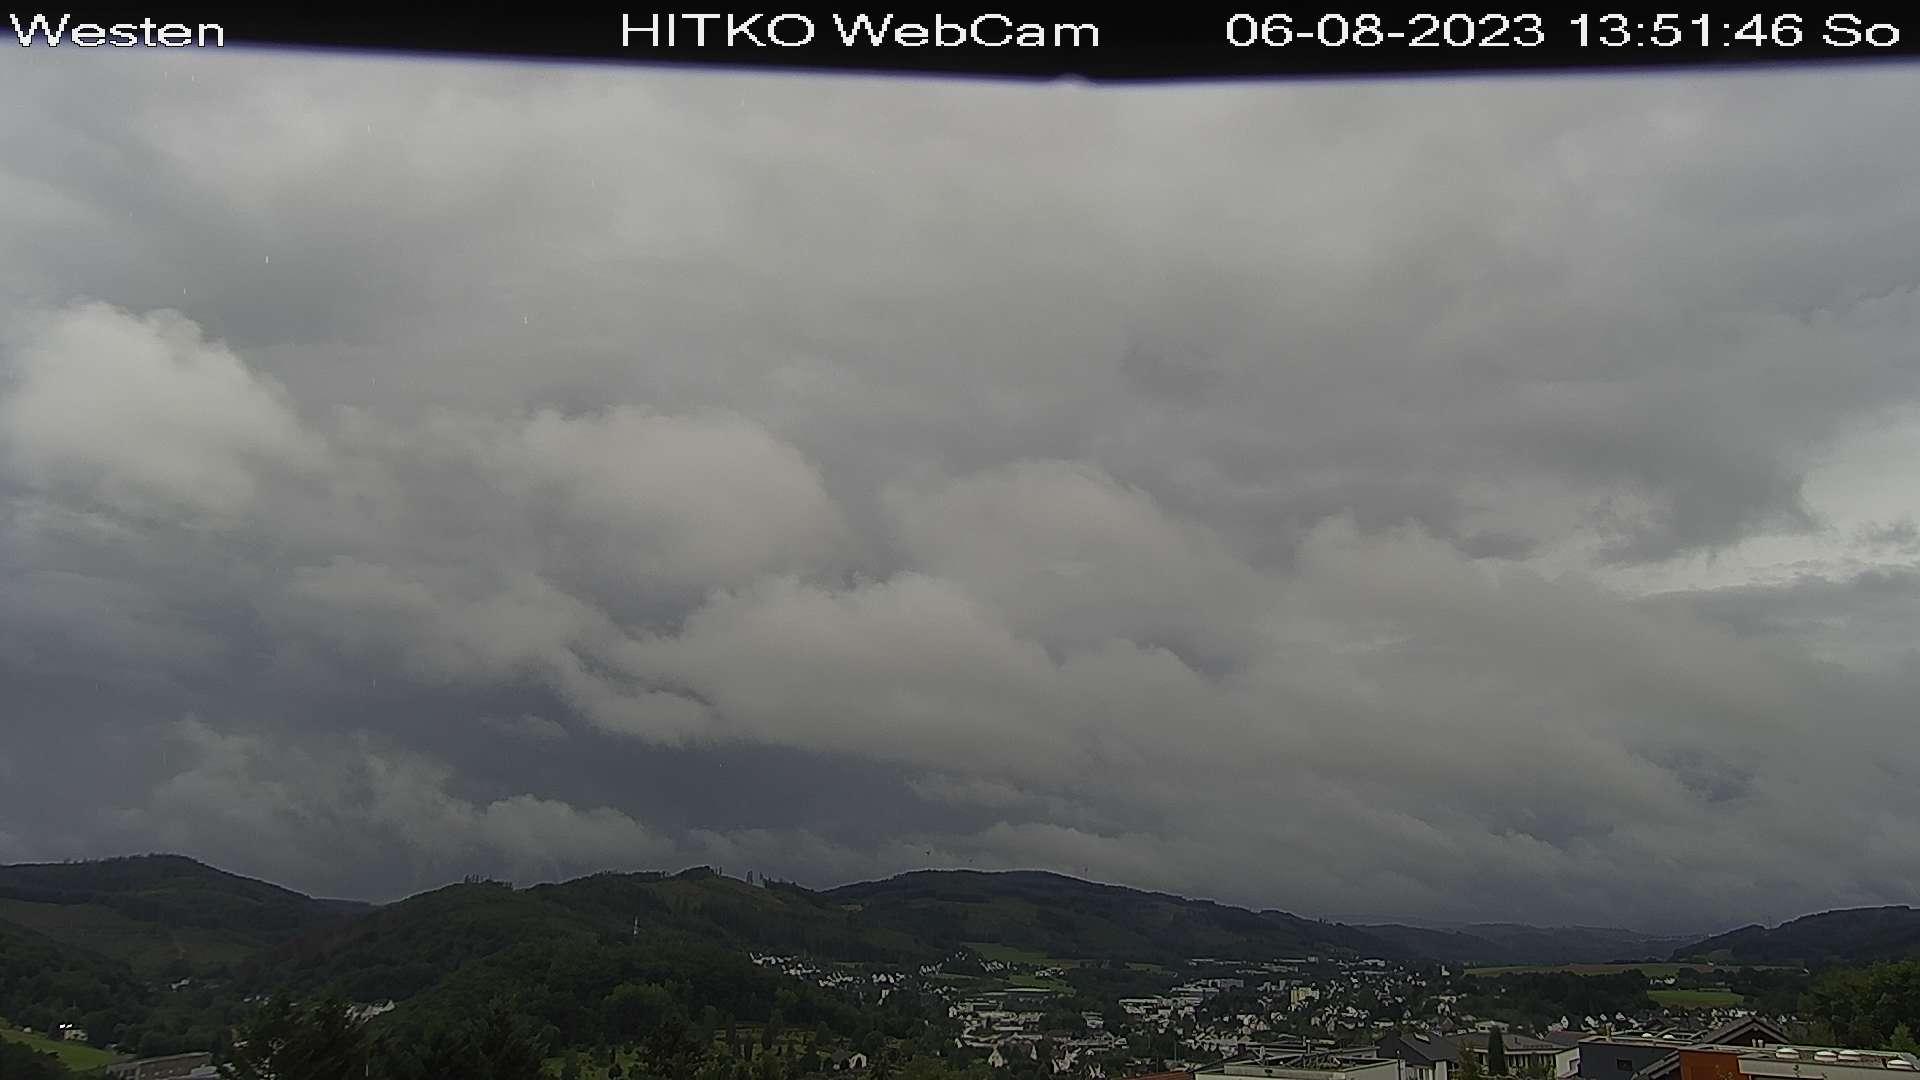 HITKO WebCam / WetterCam